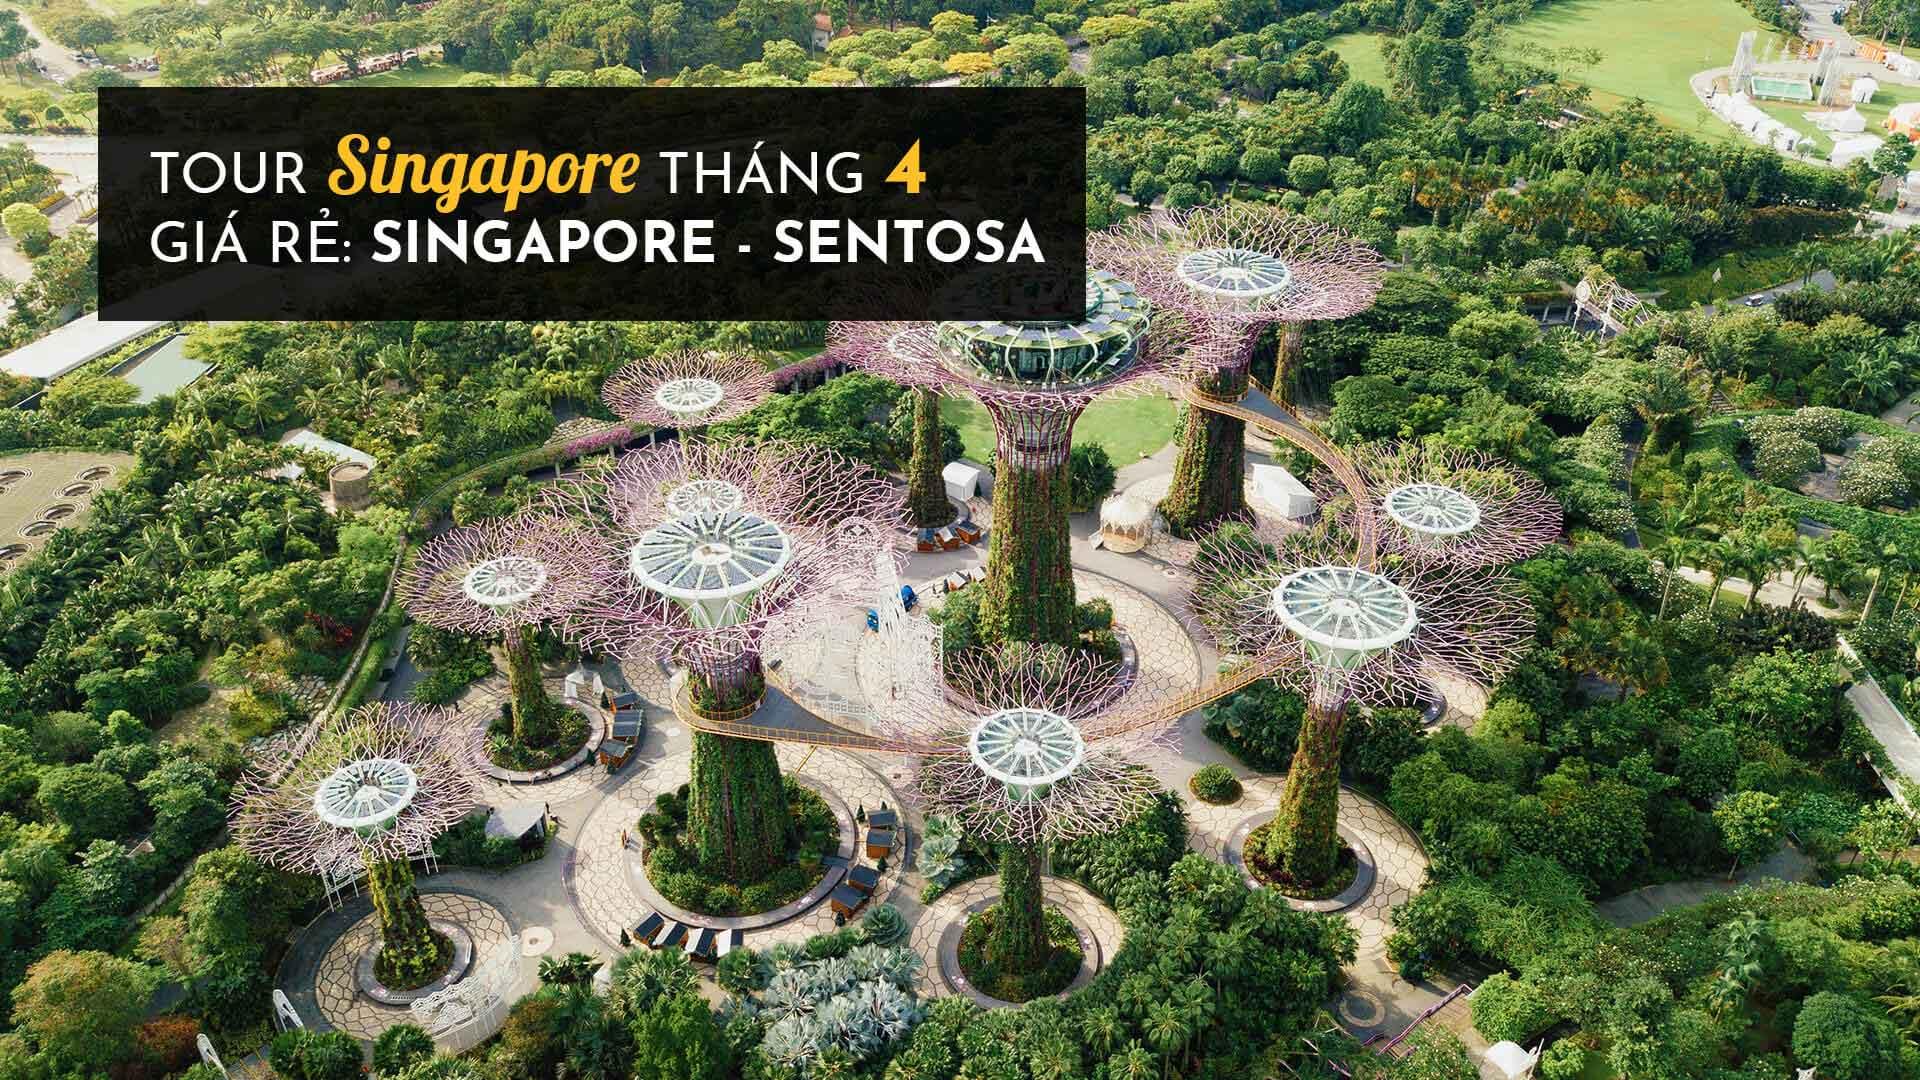 Cẩm nang du lịch tour Singapore tháng 4: Singapore - Sentosa